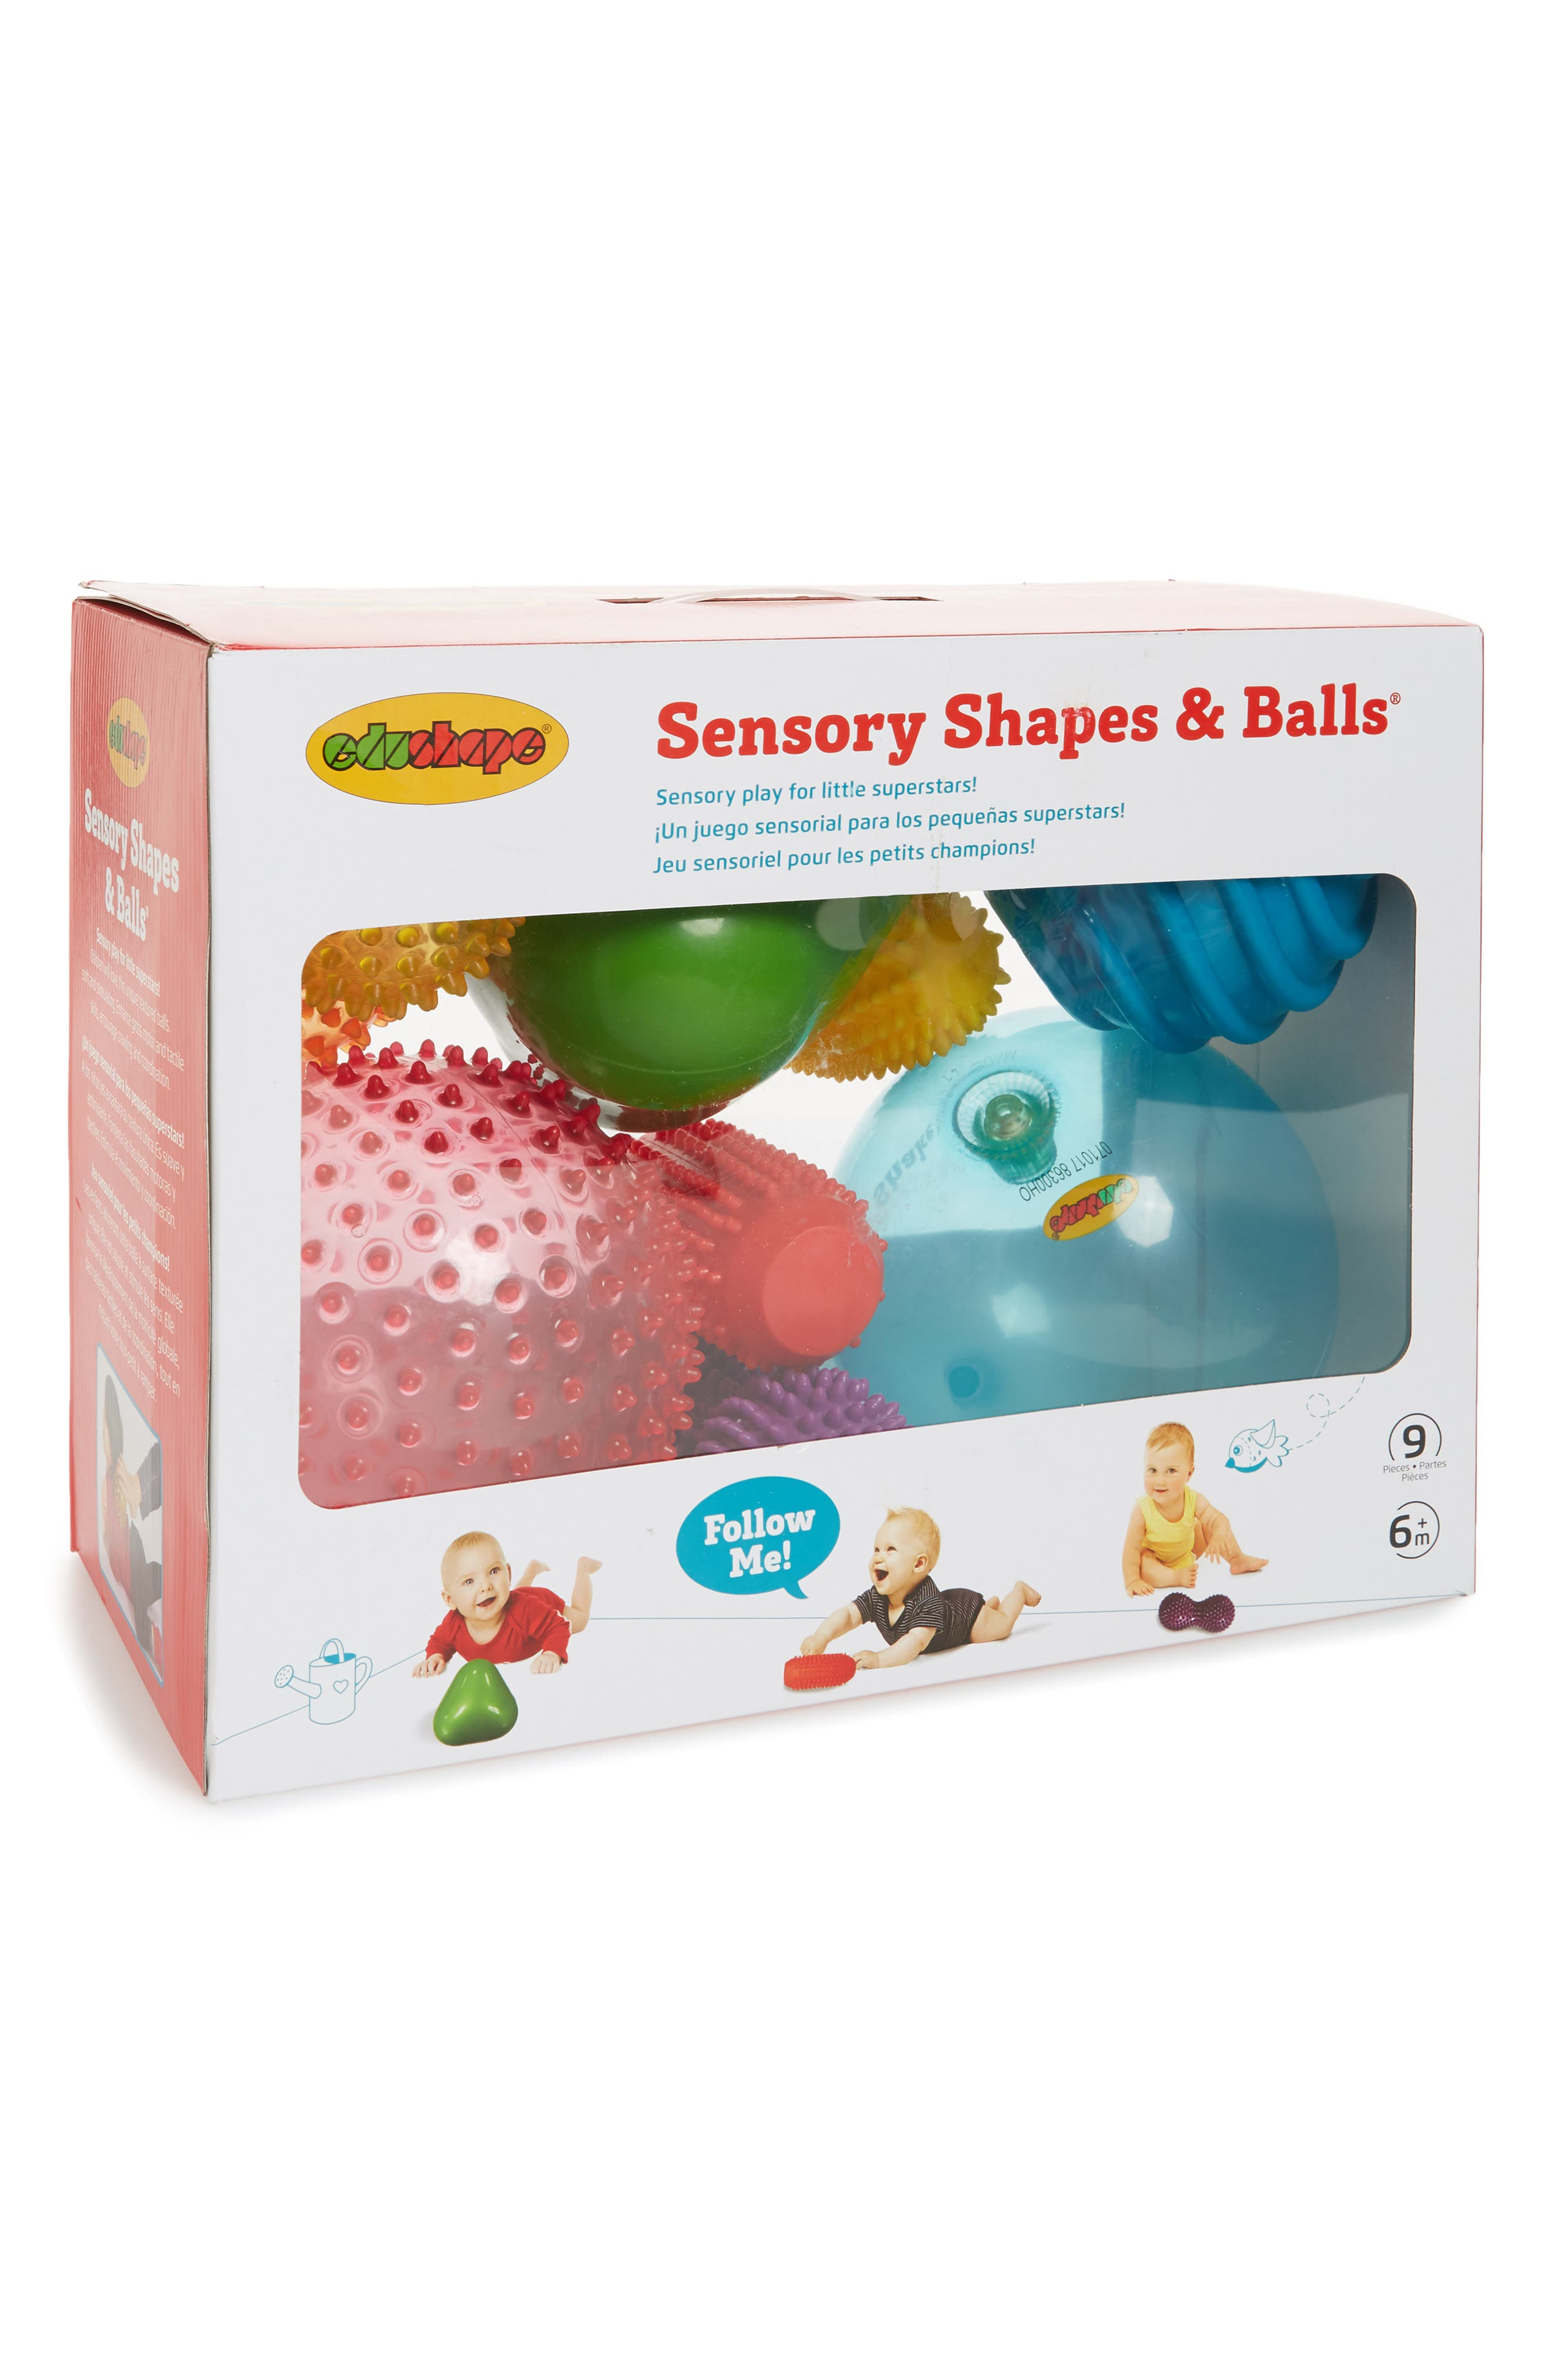 edushape Sensory Shapes & Balls 9-Piece Toy Set